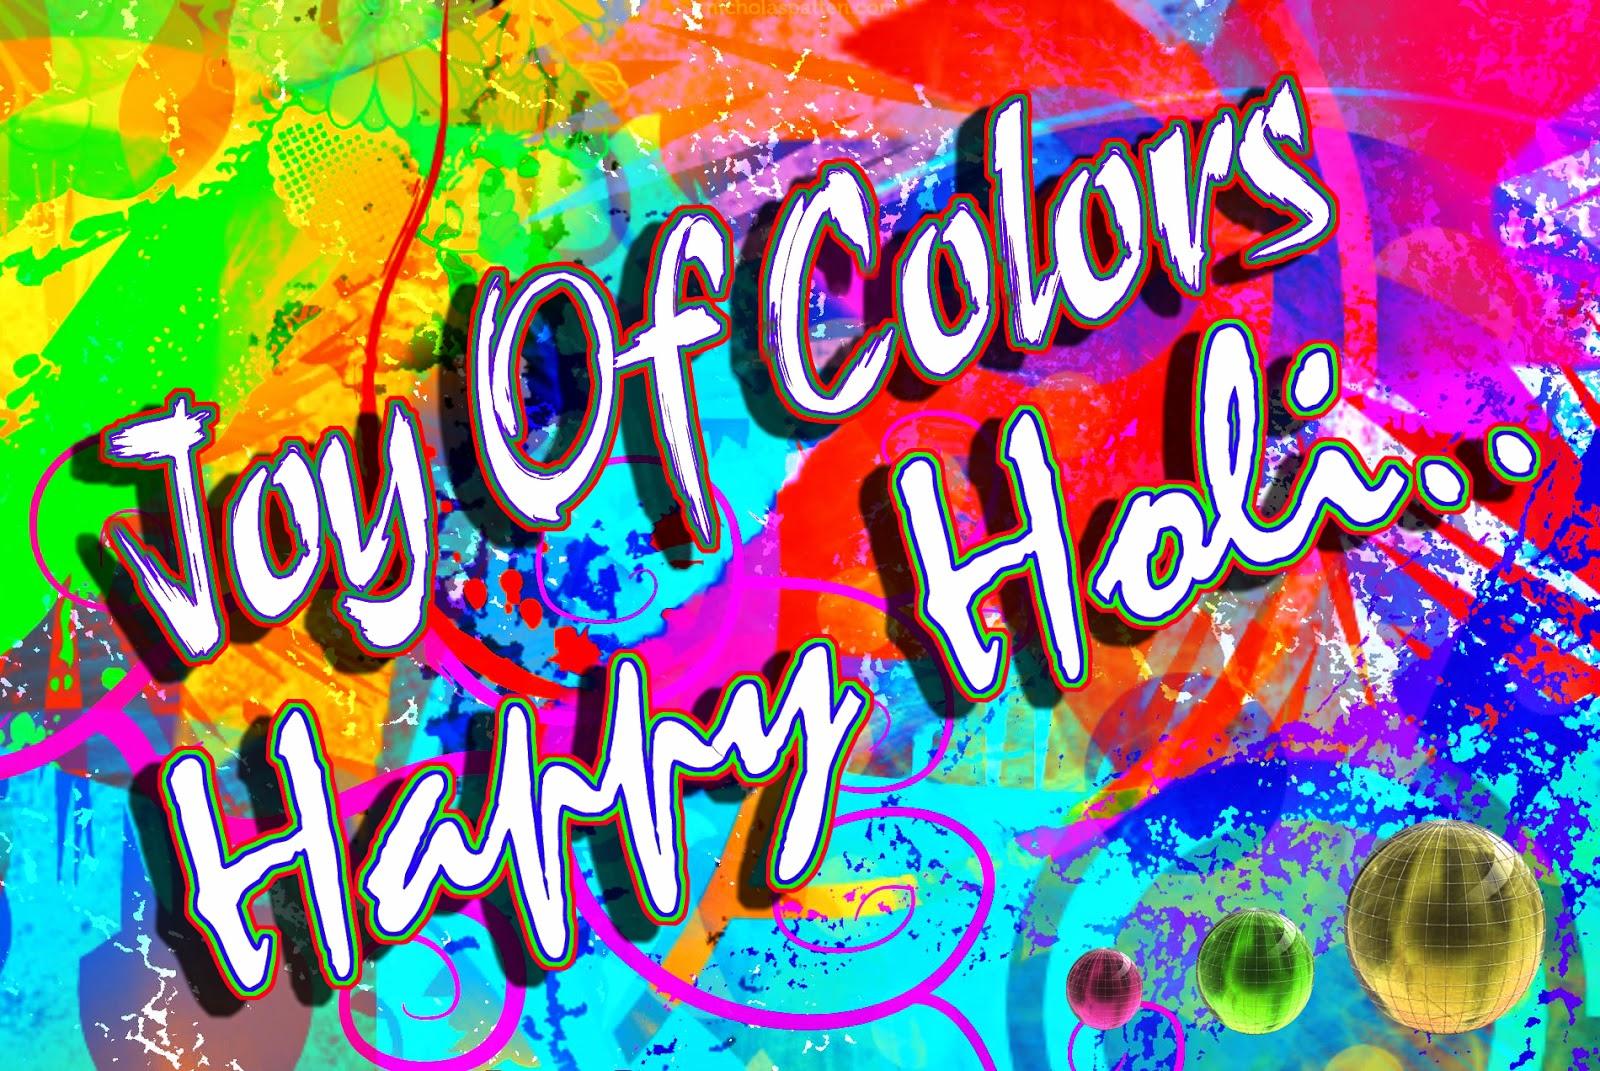 happy holi 2015 images